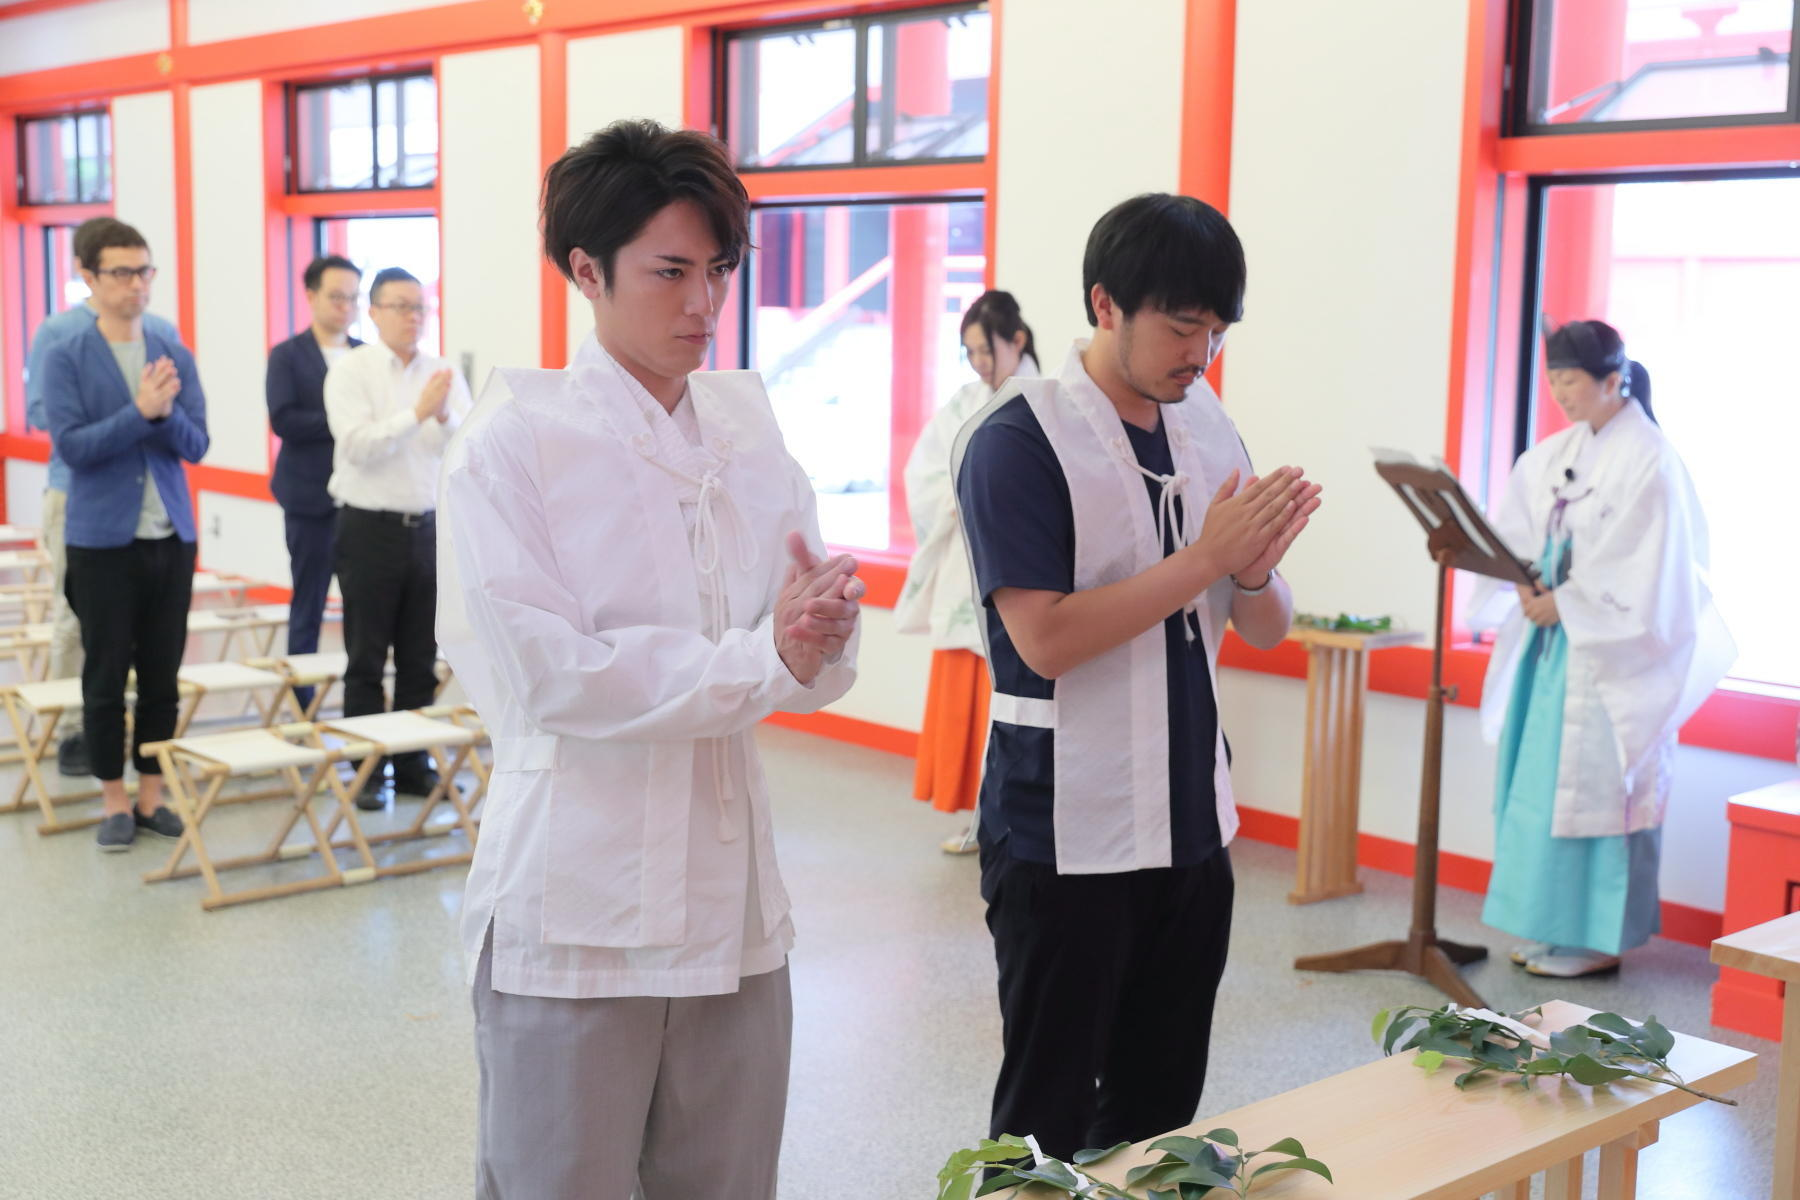 http://news.yoshimoto.co.jp/20170717010639-e621ff2d89288a2d83bd98f494853209ab6f8ac5.jpg